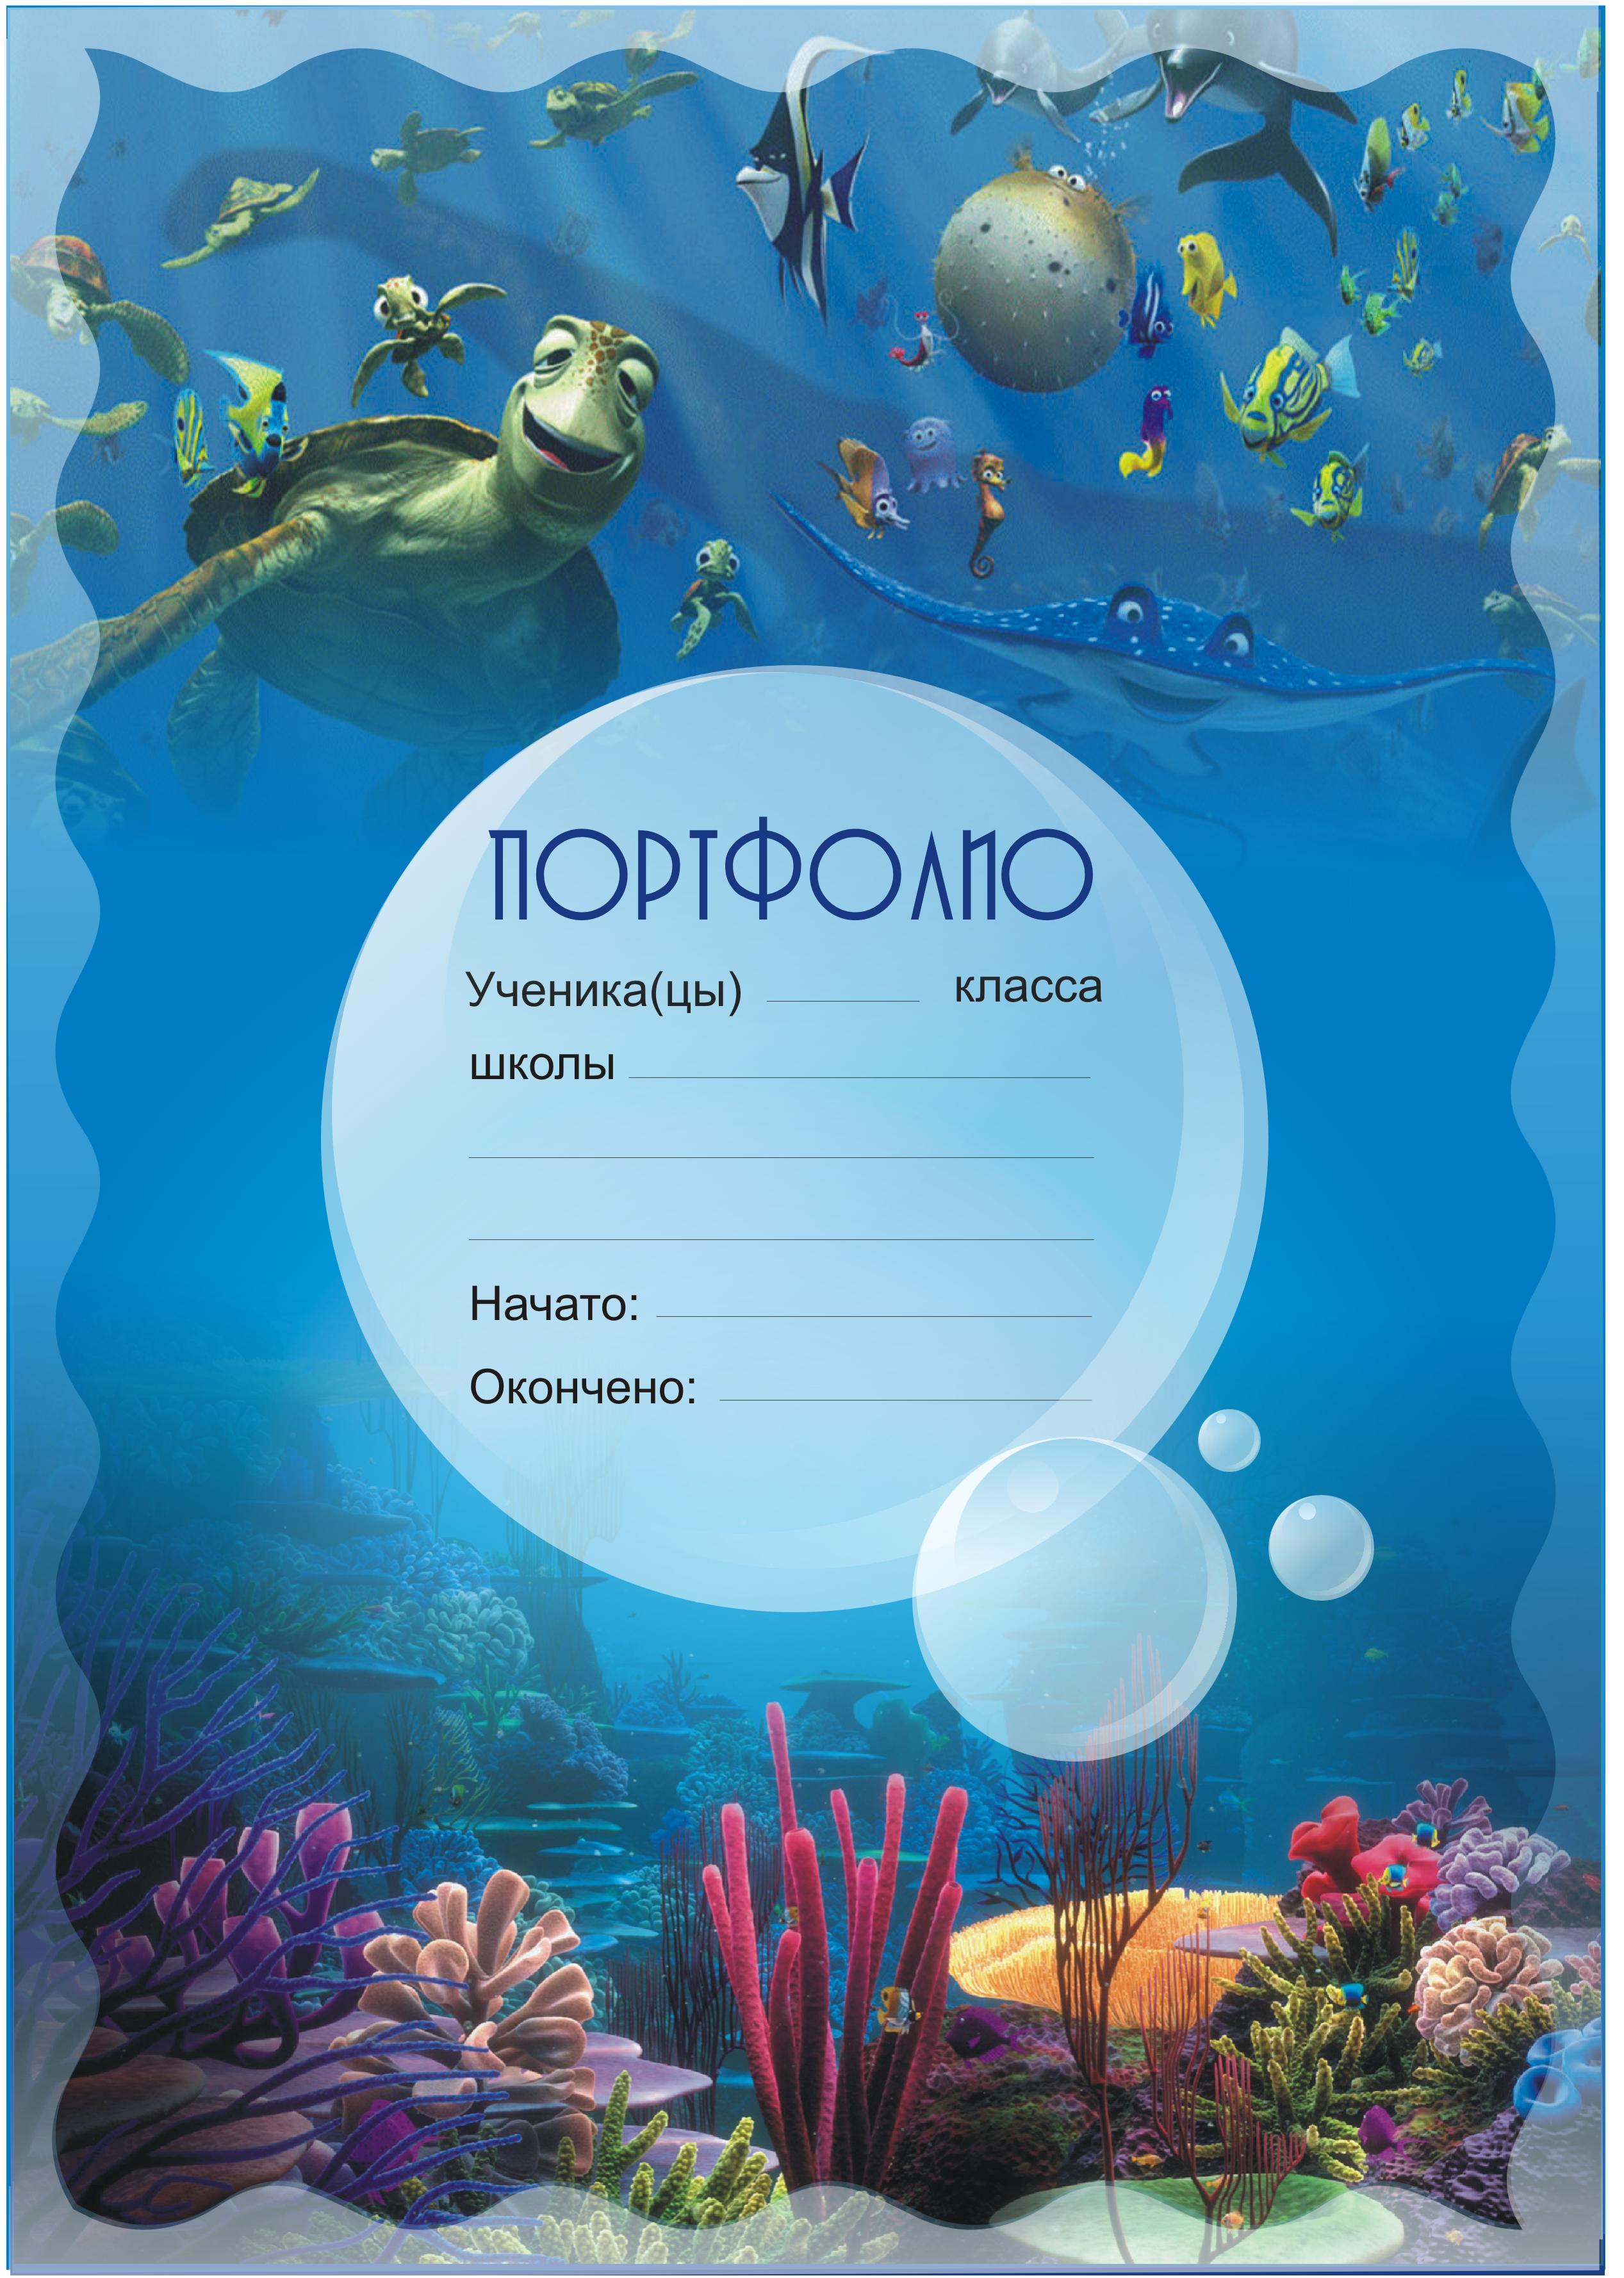 Титульный лист портфолио ученика начальной школы образец 15 фотография